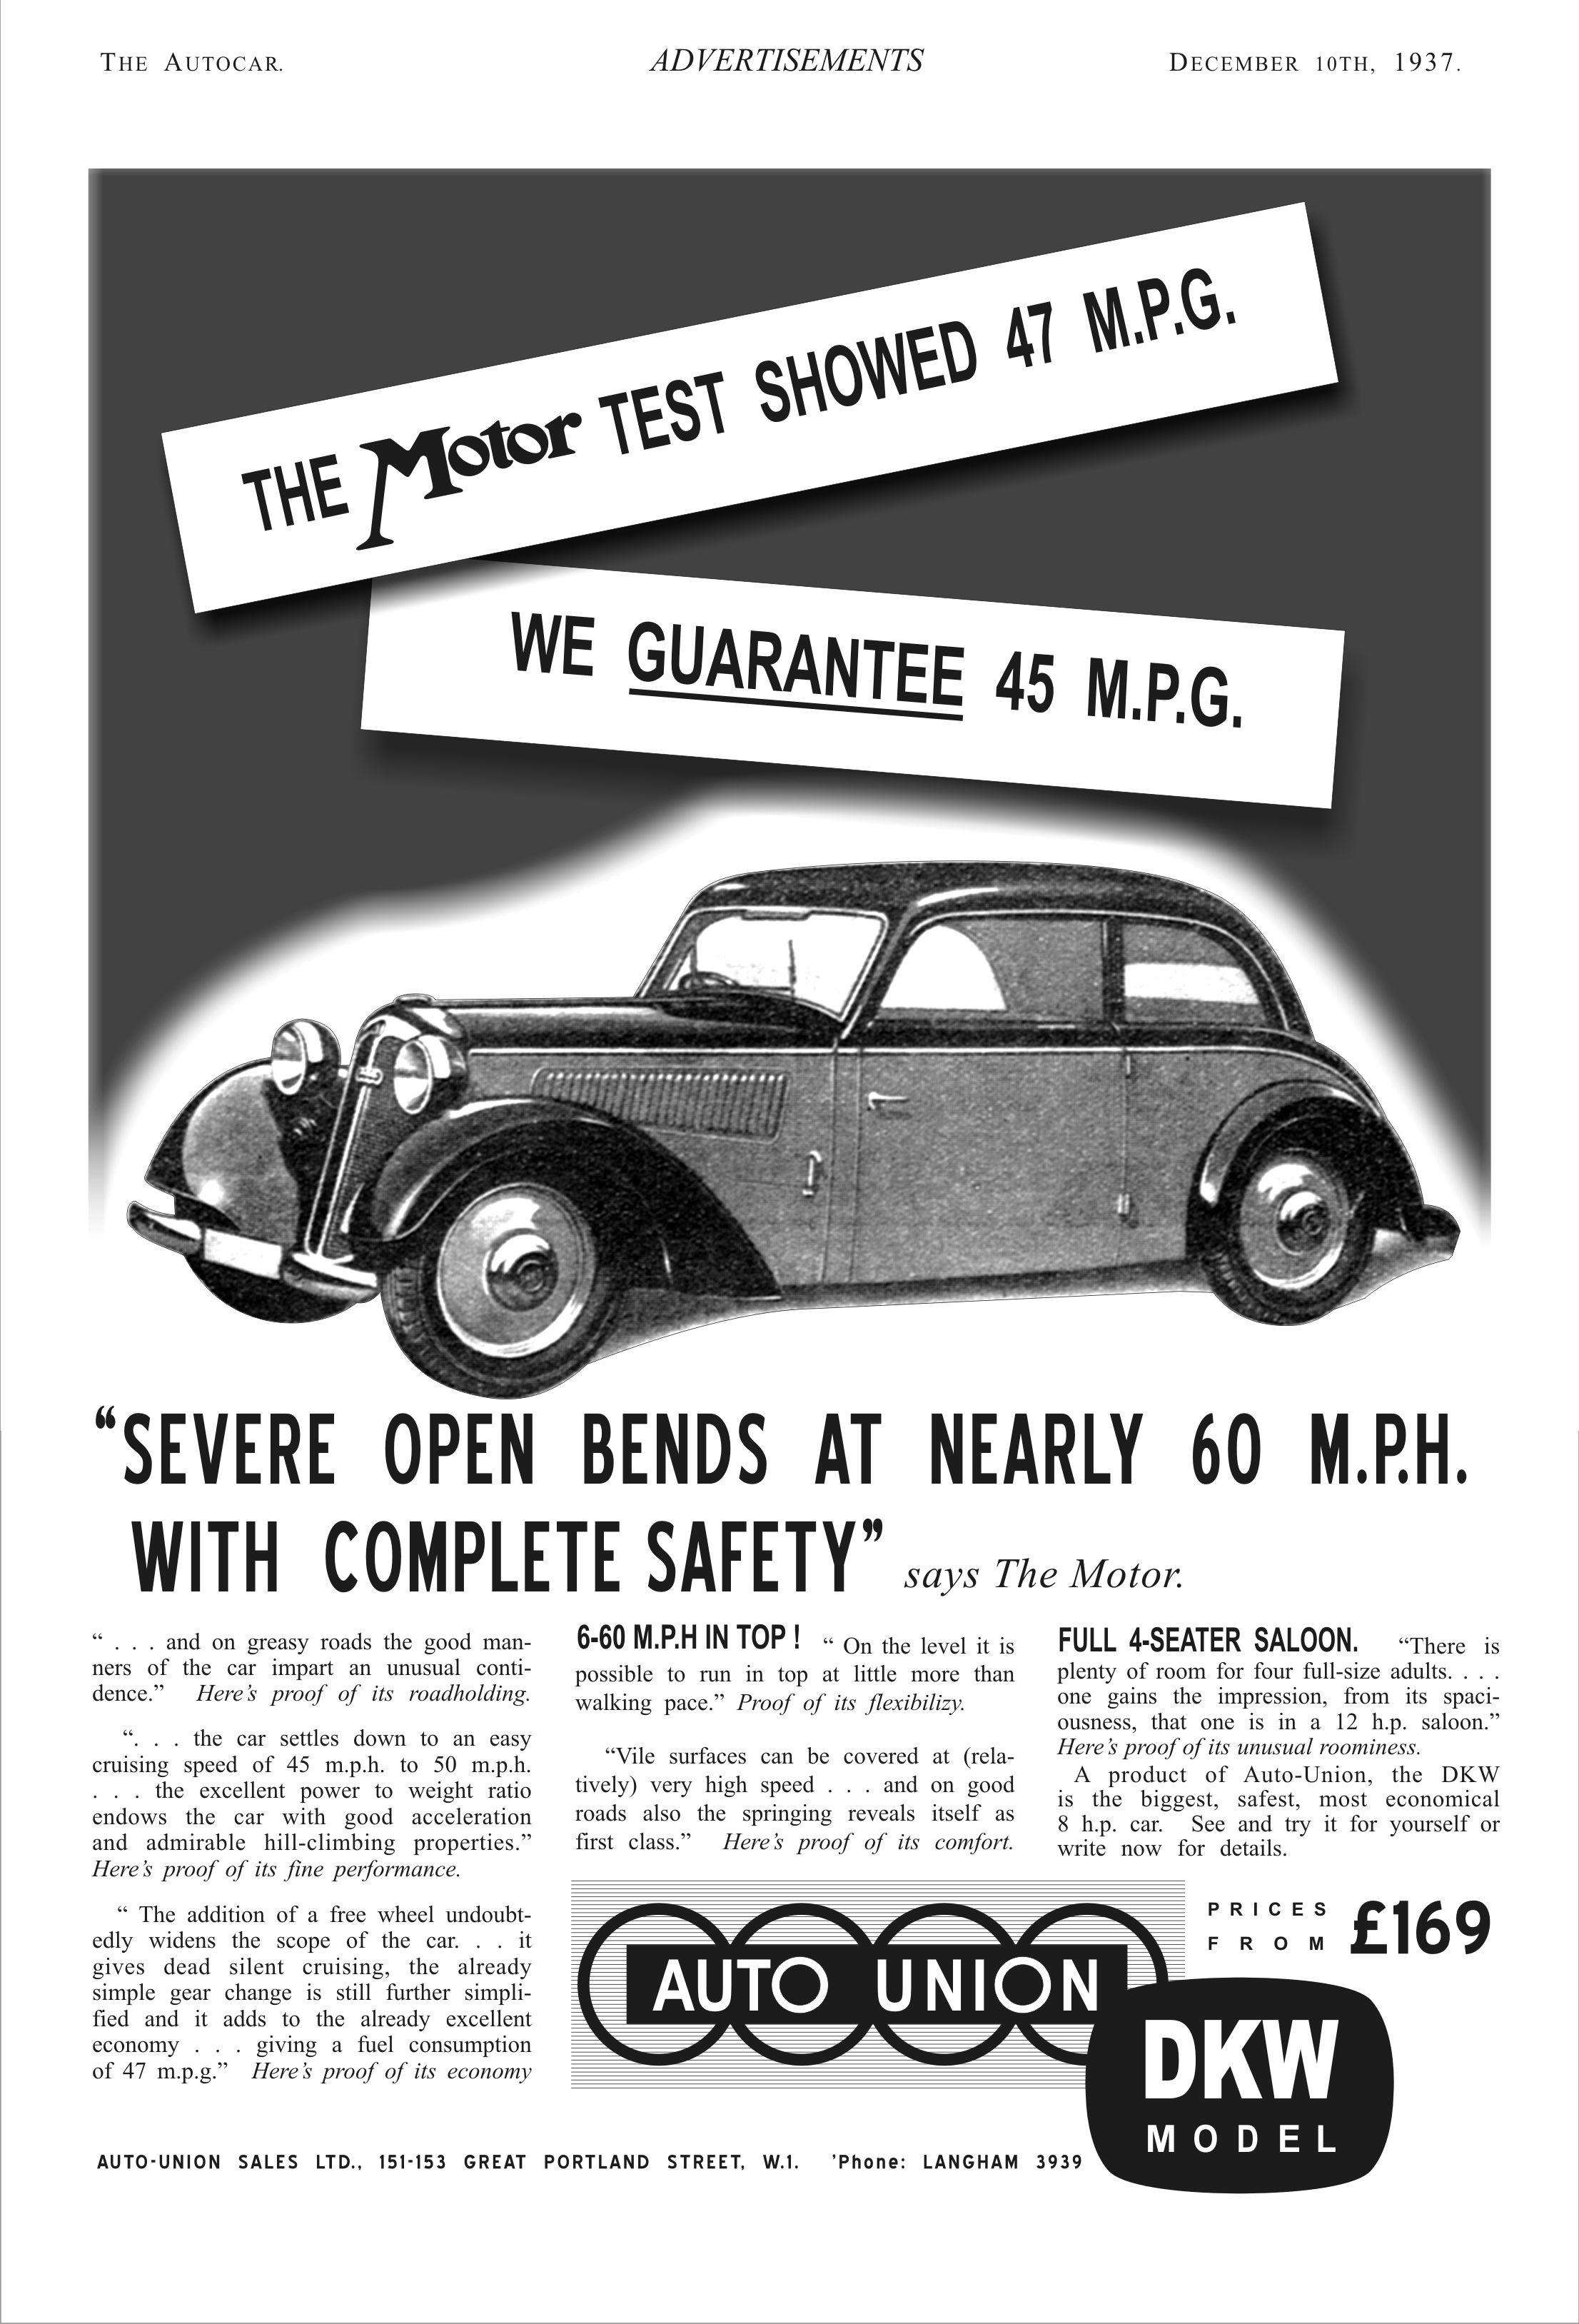 Auto Union DKW Model Autocar Car Magazine 1937   Horch, DKW ...